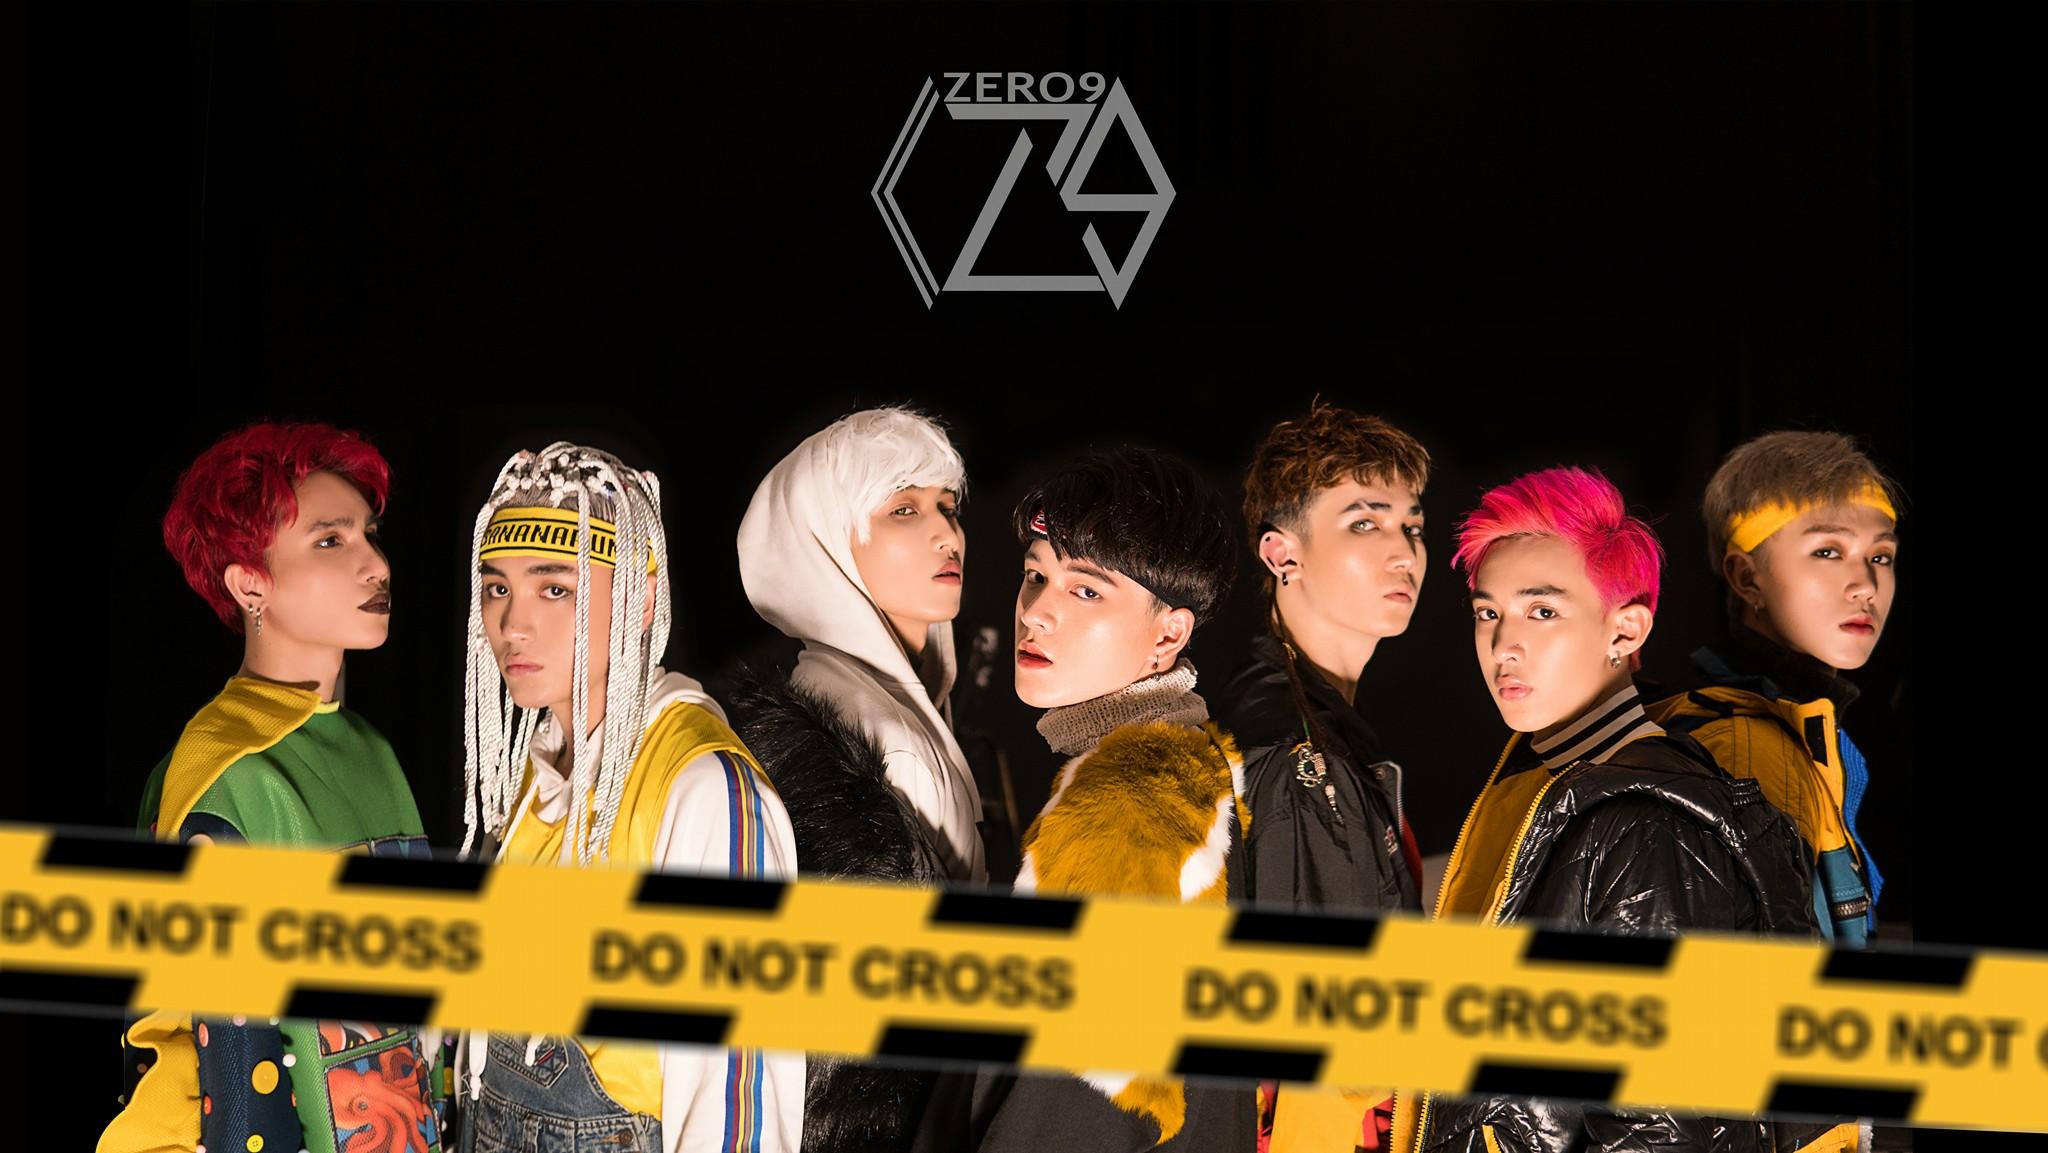 Zero 9 không ngại dư luận mà tuyên bố rằng có tham vọng nổi tiếng như BTS tại thị trường Việt Nam.